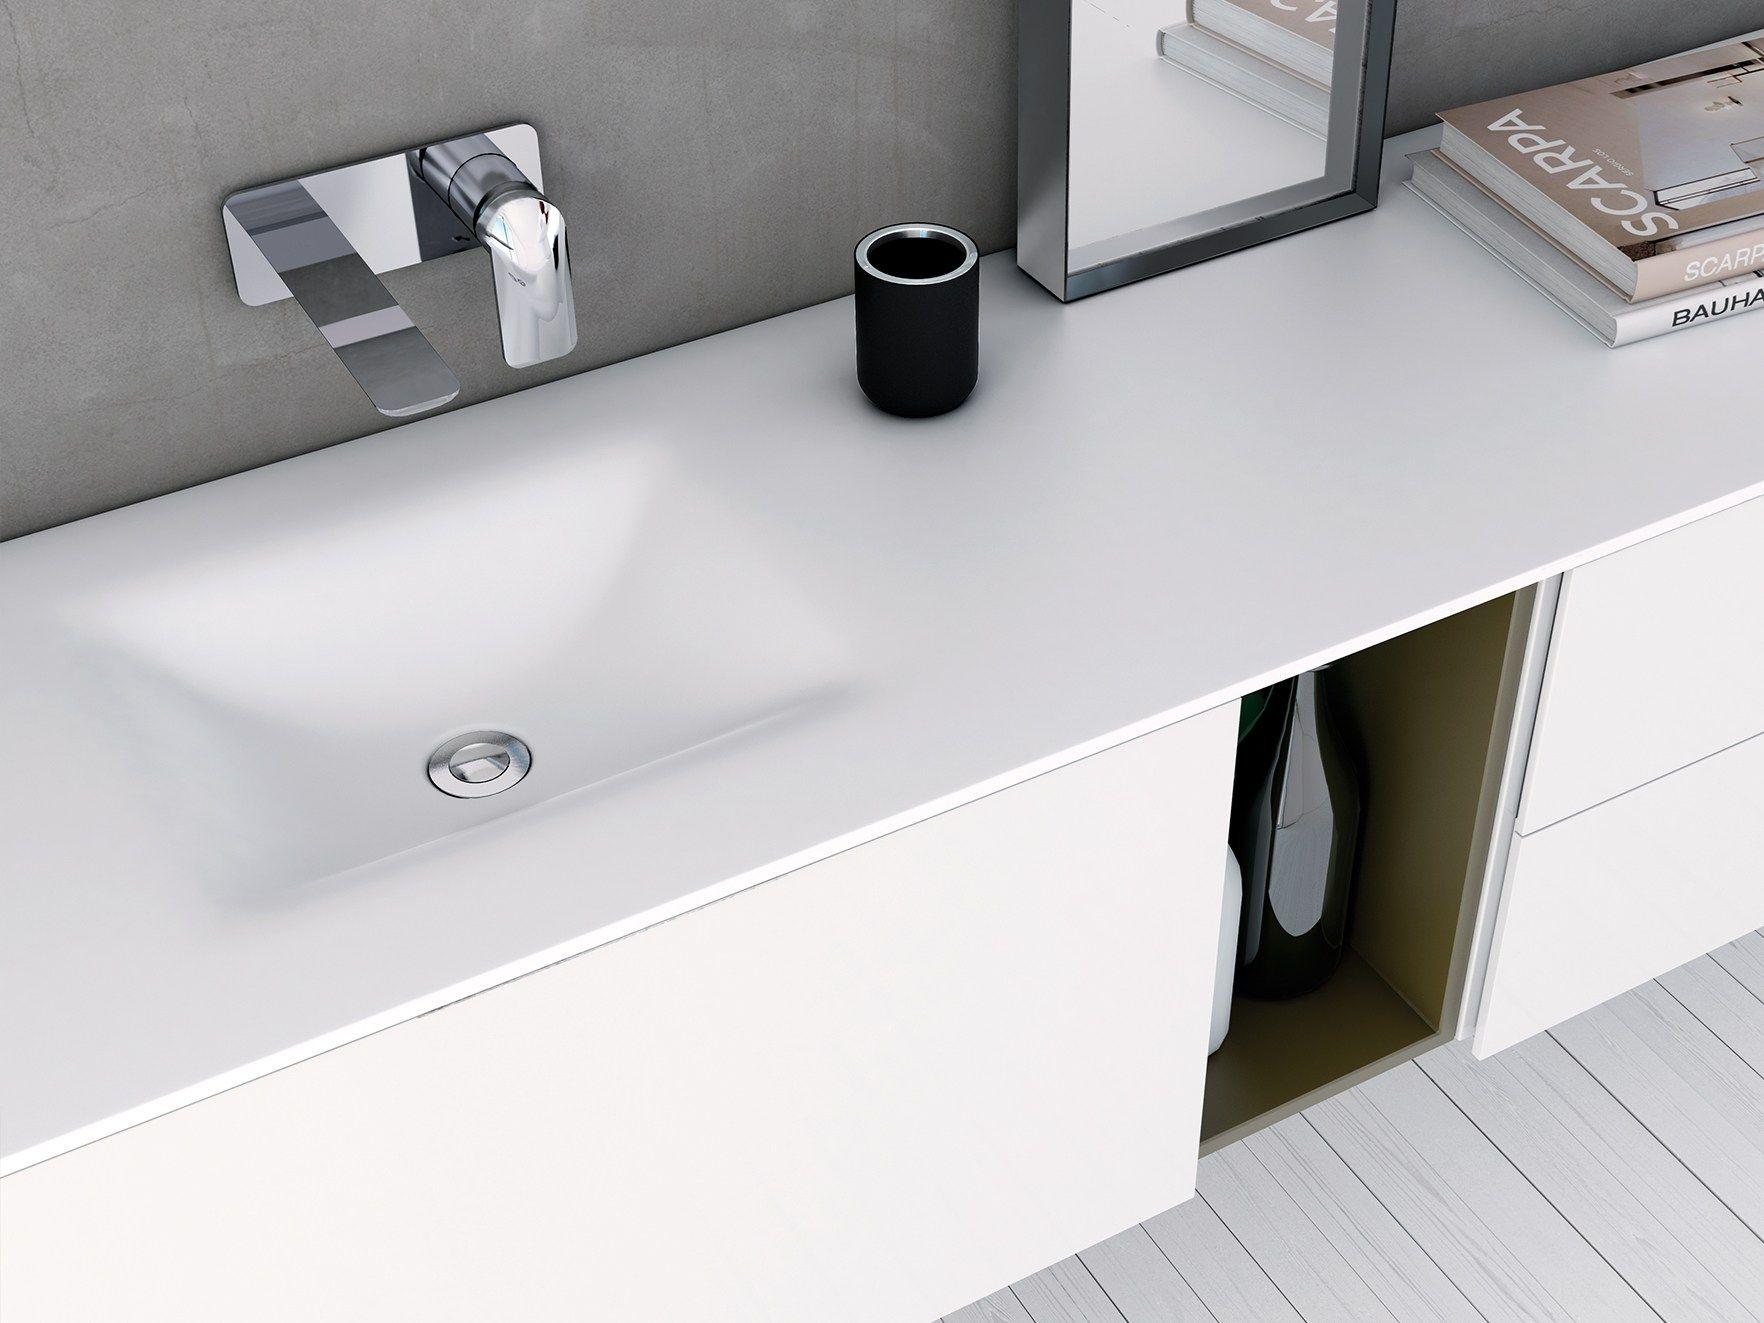 D4 Waschtisch Aus Corian® By INBANI Design INBANI